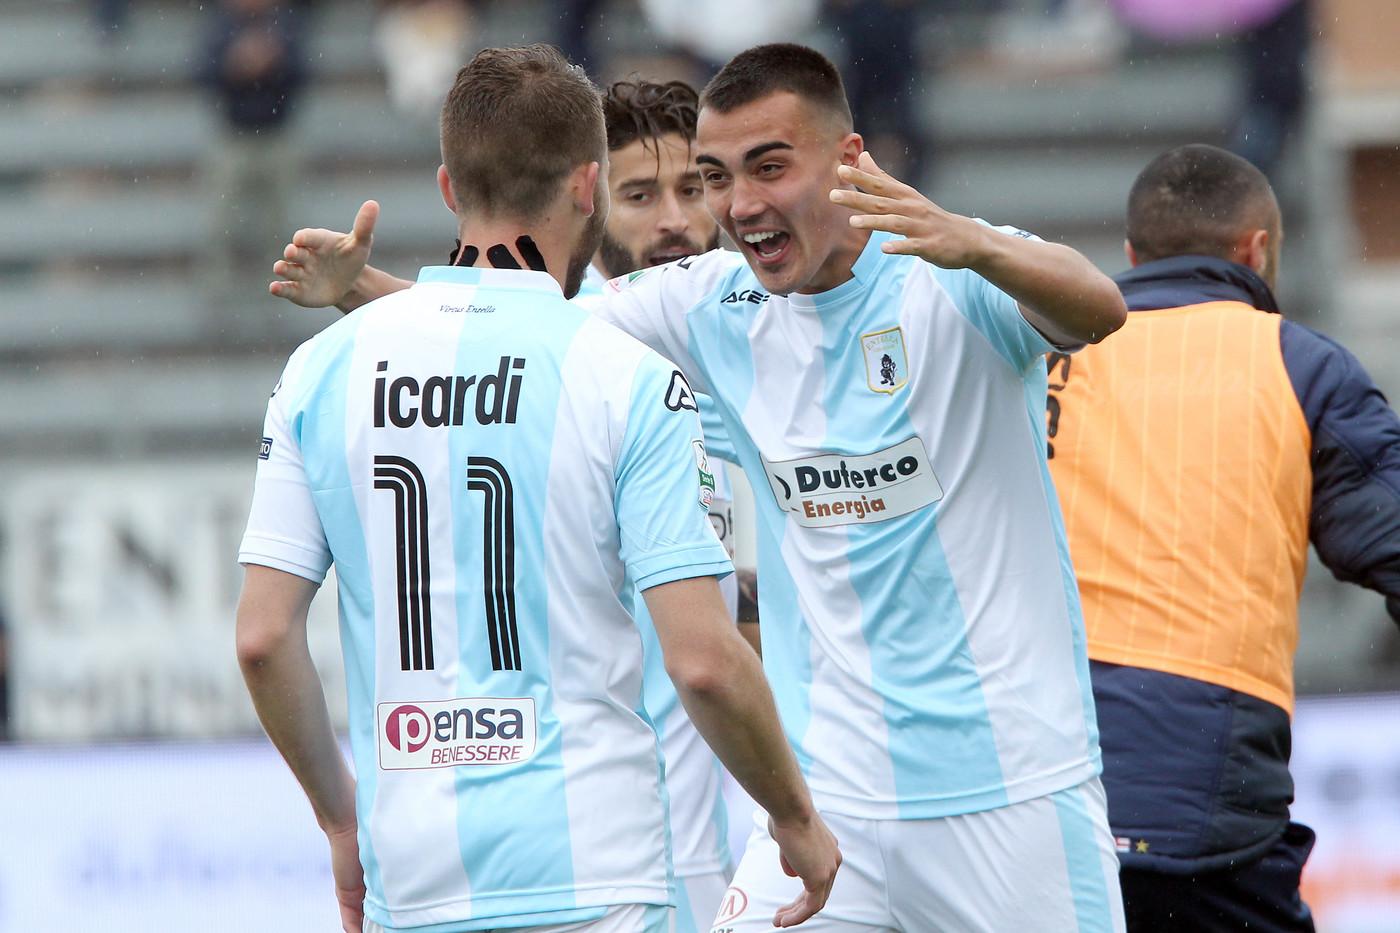 Entella-Arzachena 8 novembre: match del gruppo A della Serie C. I liguri sono nettamente favoriti per la conquista dei 3 punti.